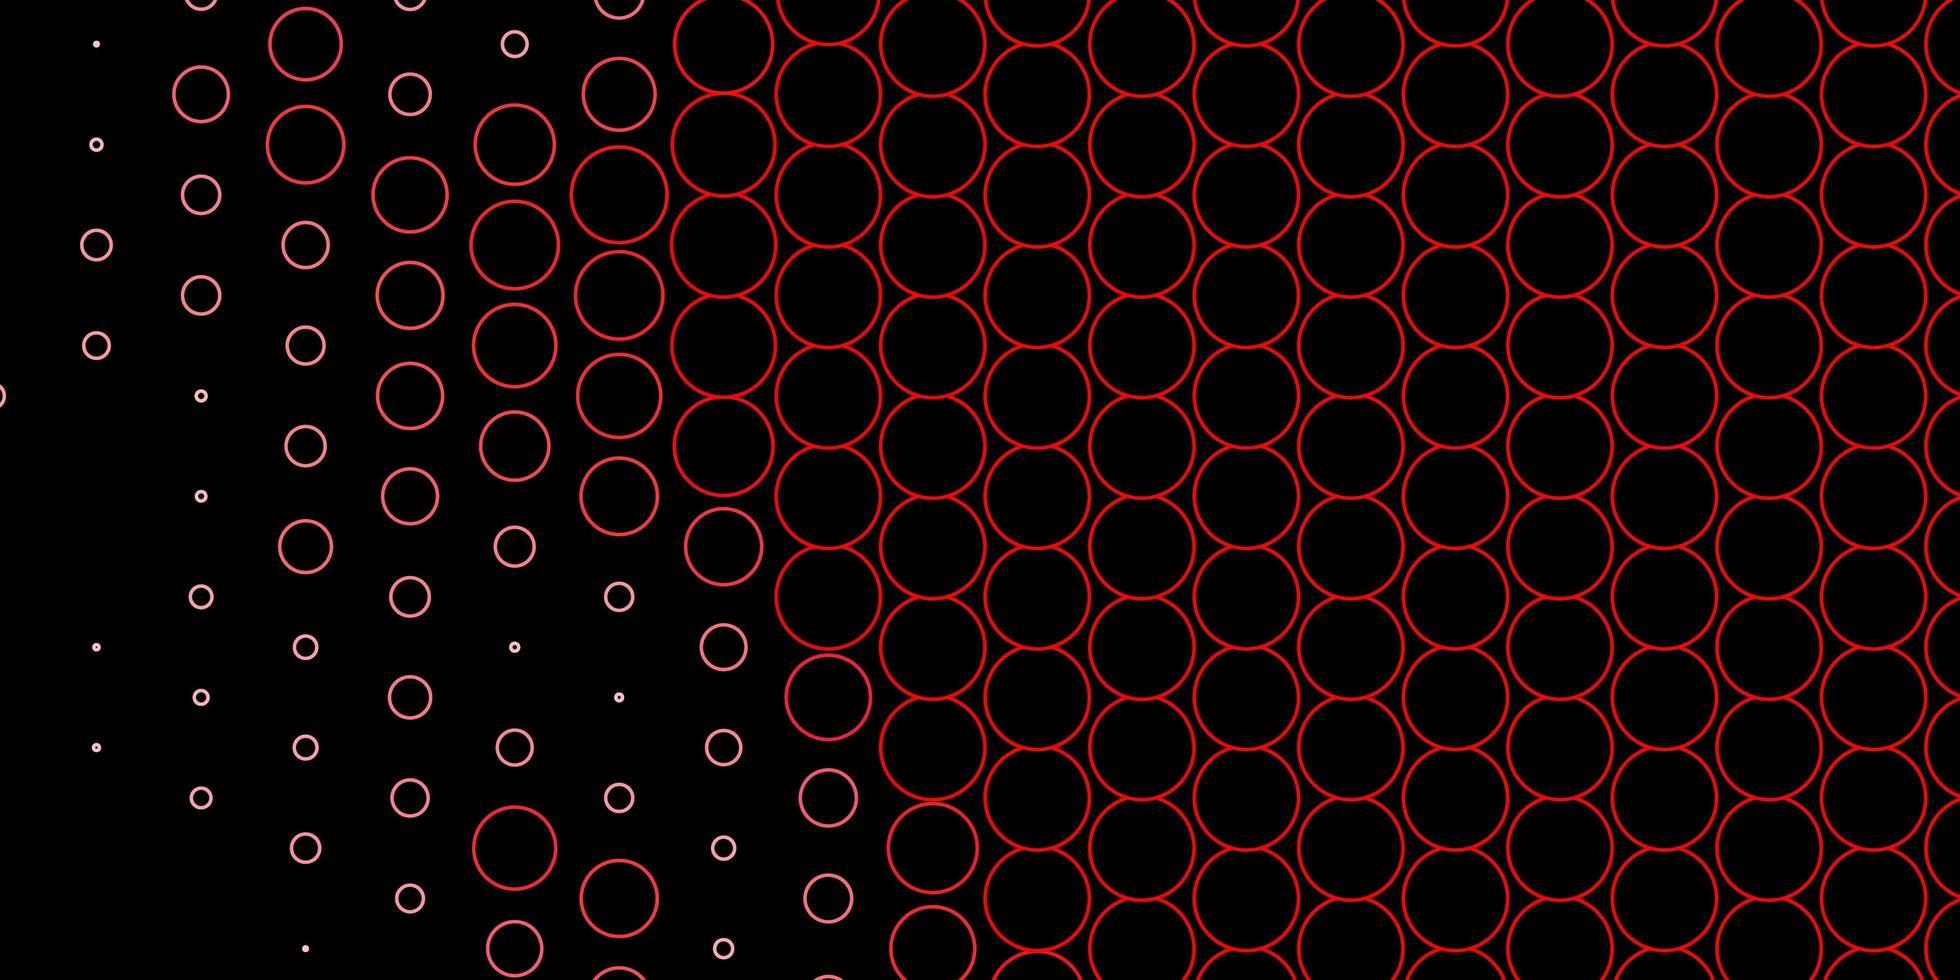 rood omlijnde cirkels op donkere sjabloon vector